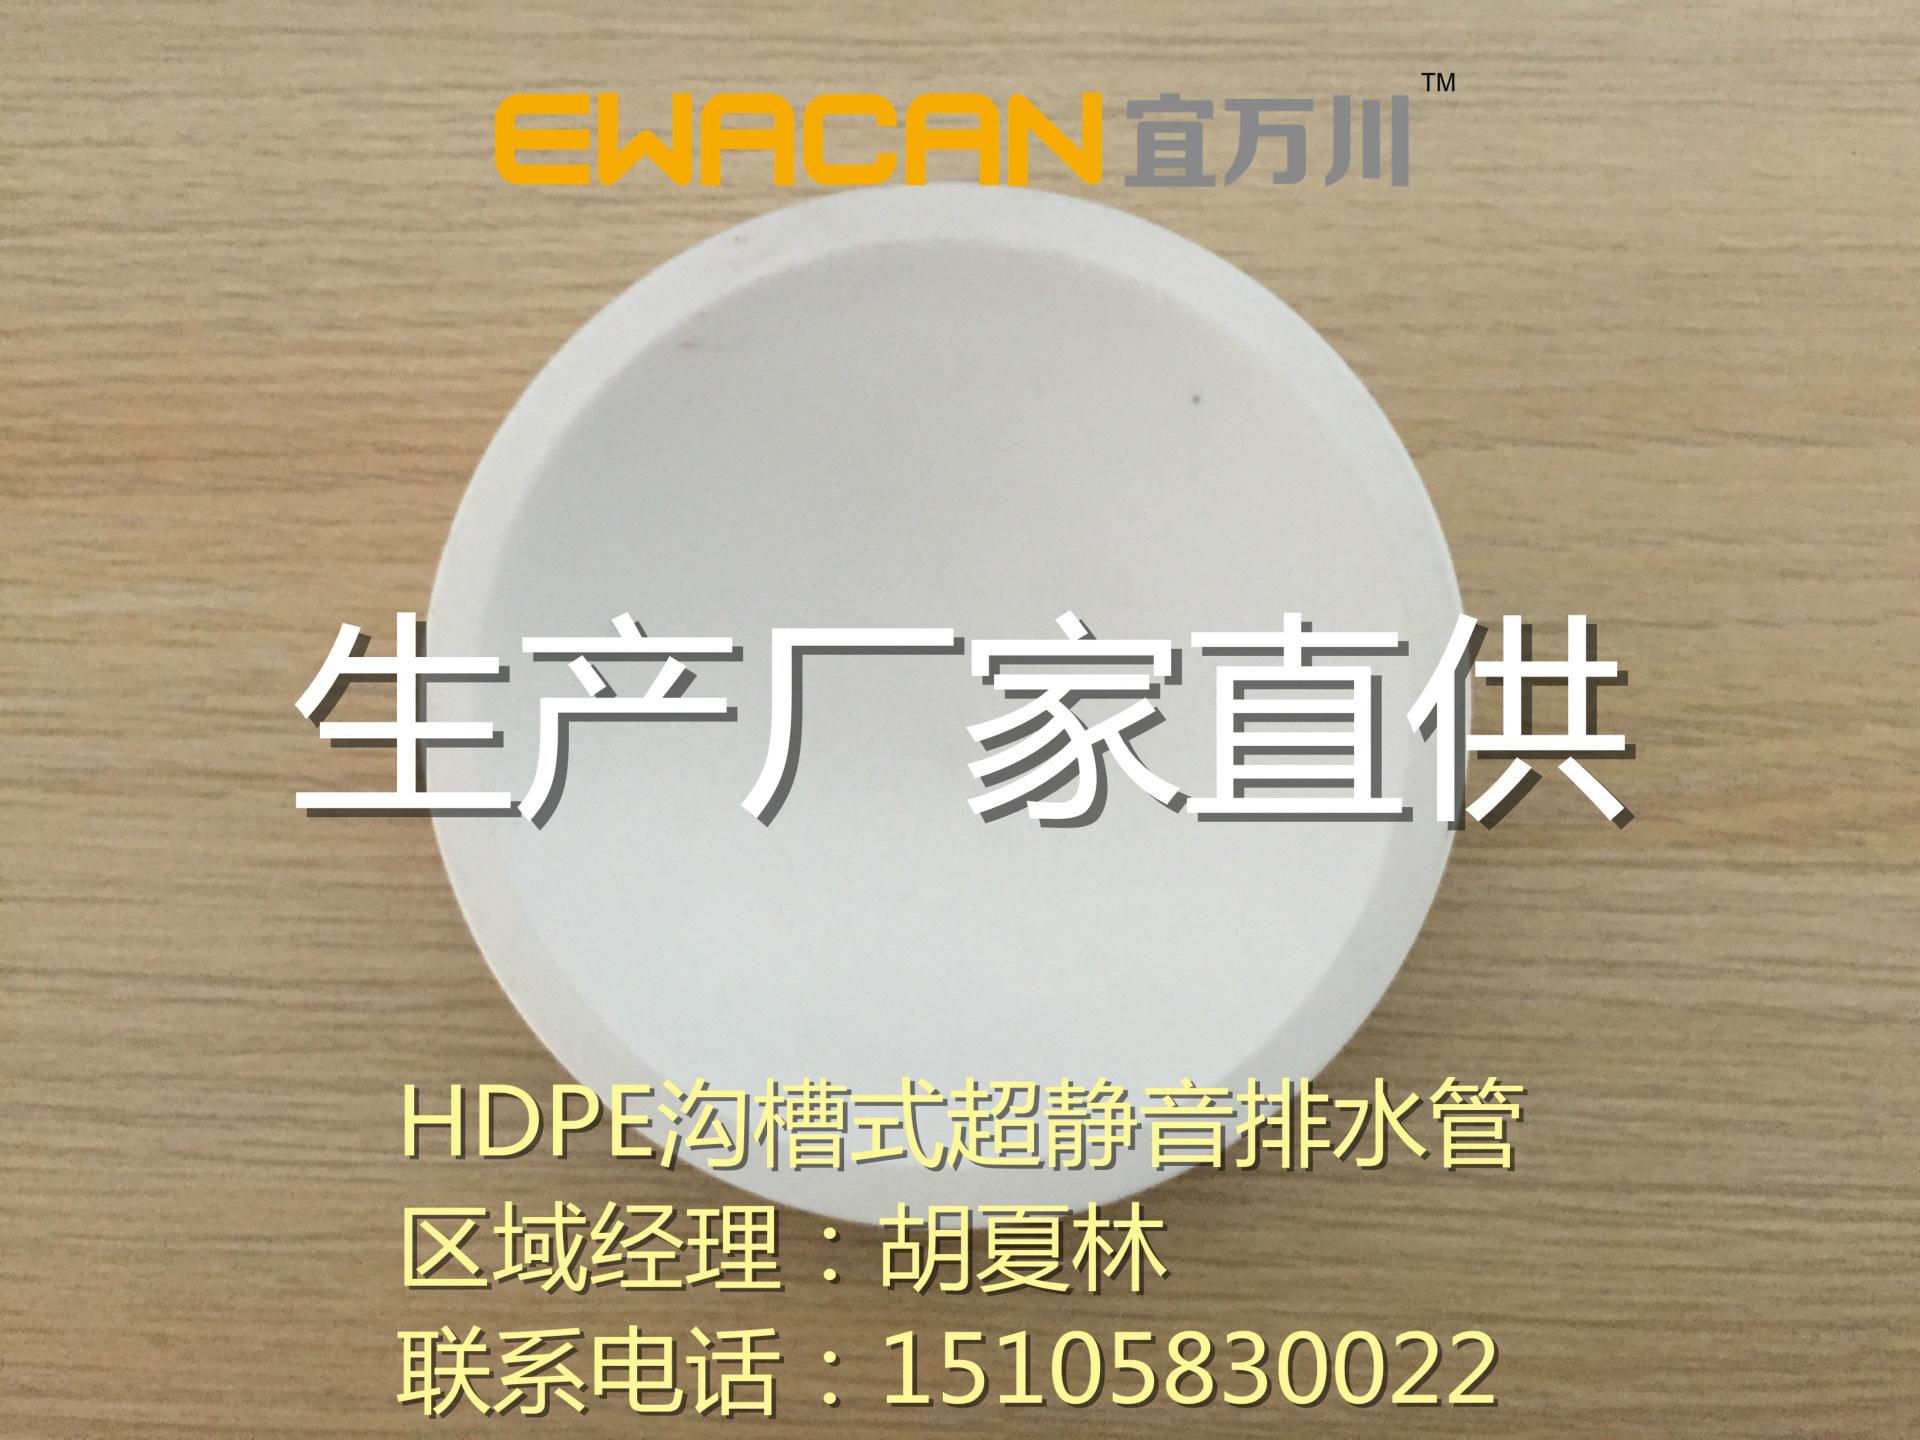 沟槽式HDPE超静音排水管,FRPP、HDPE法兰承插静音排水管,PP管示例图2